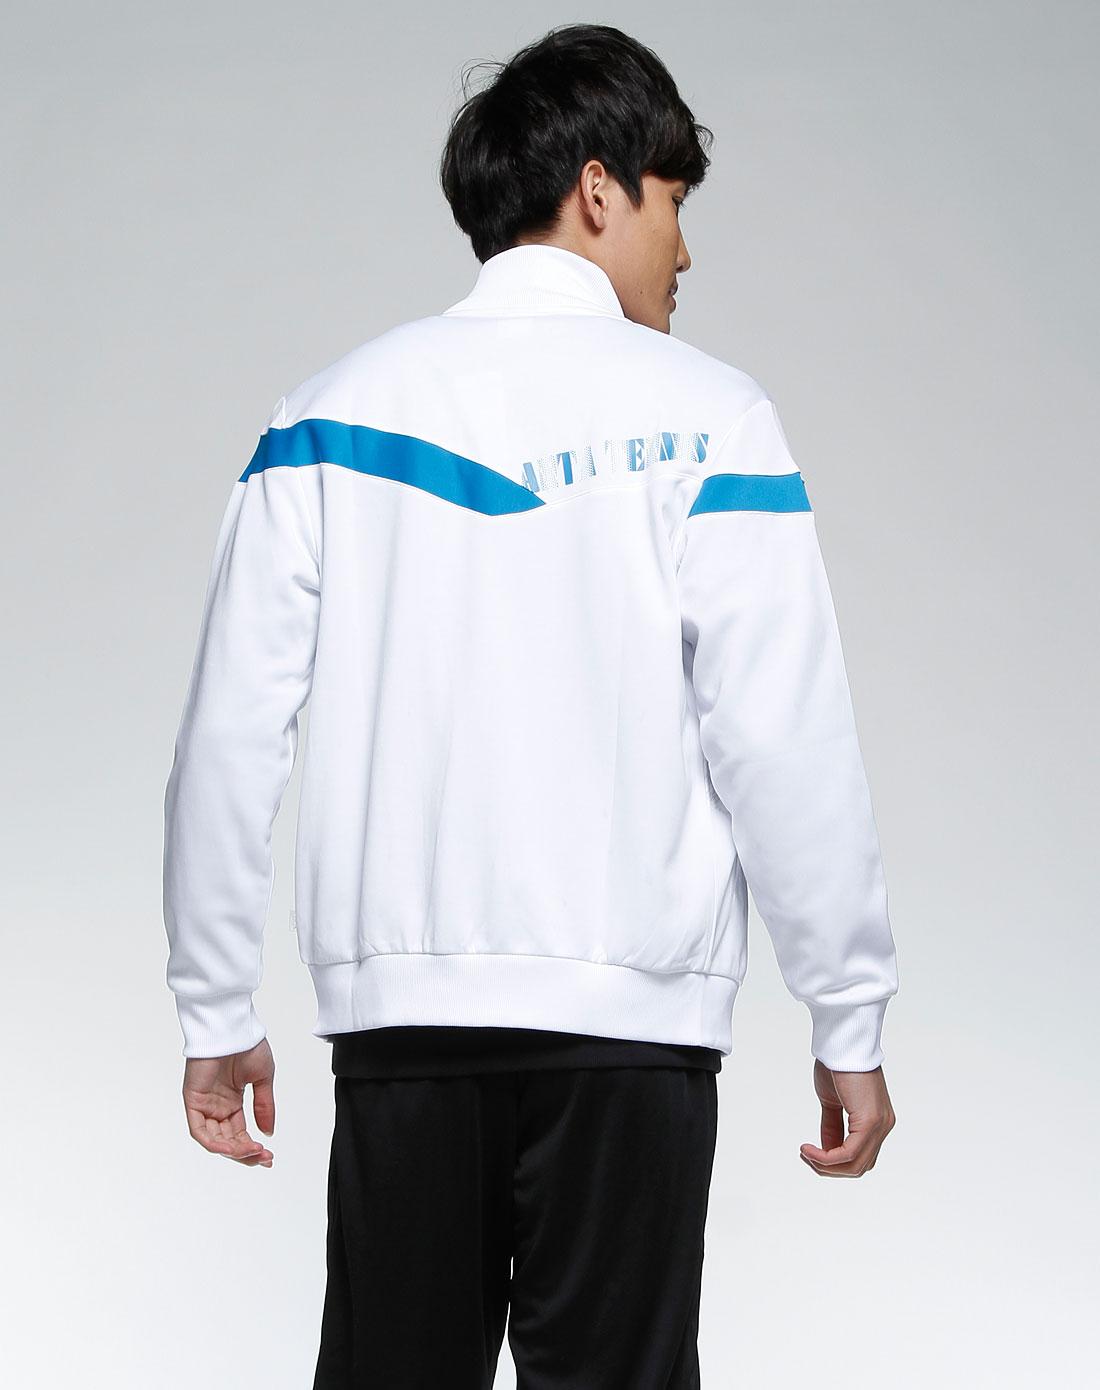 男款白色时尚拉链运动长袖外套